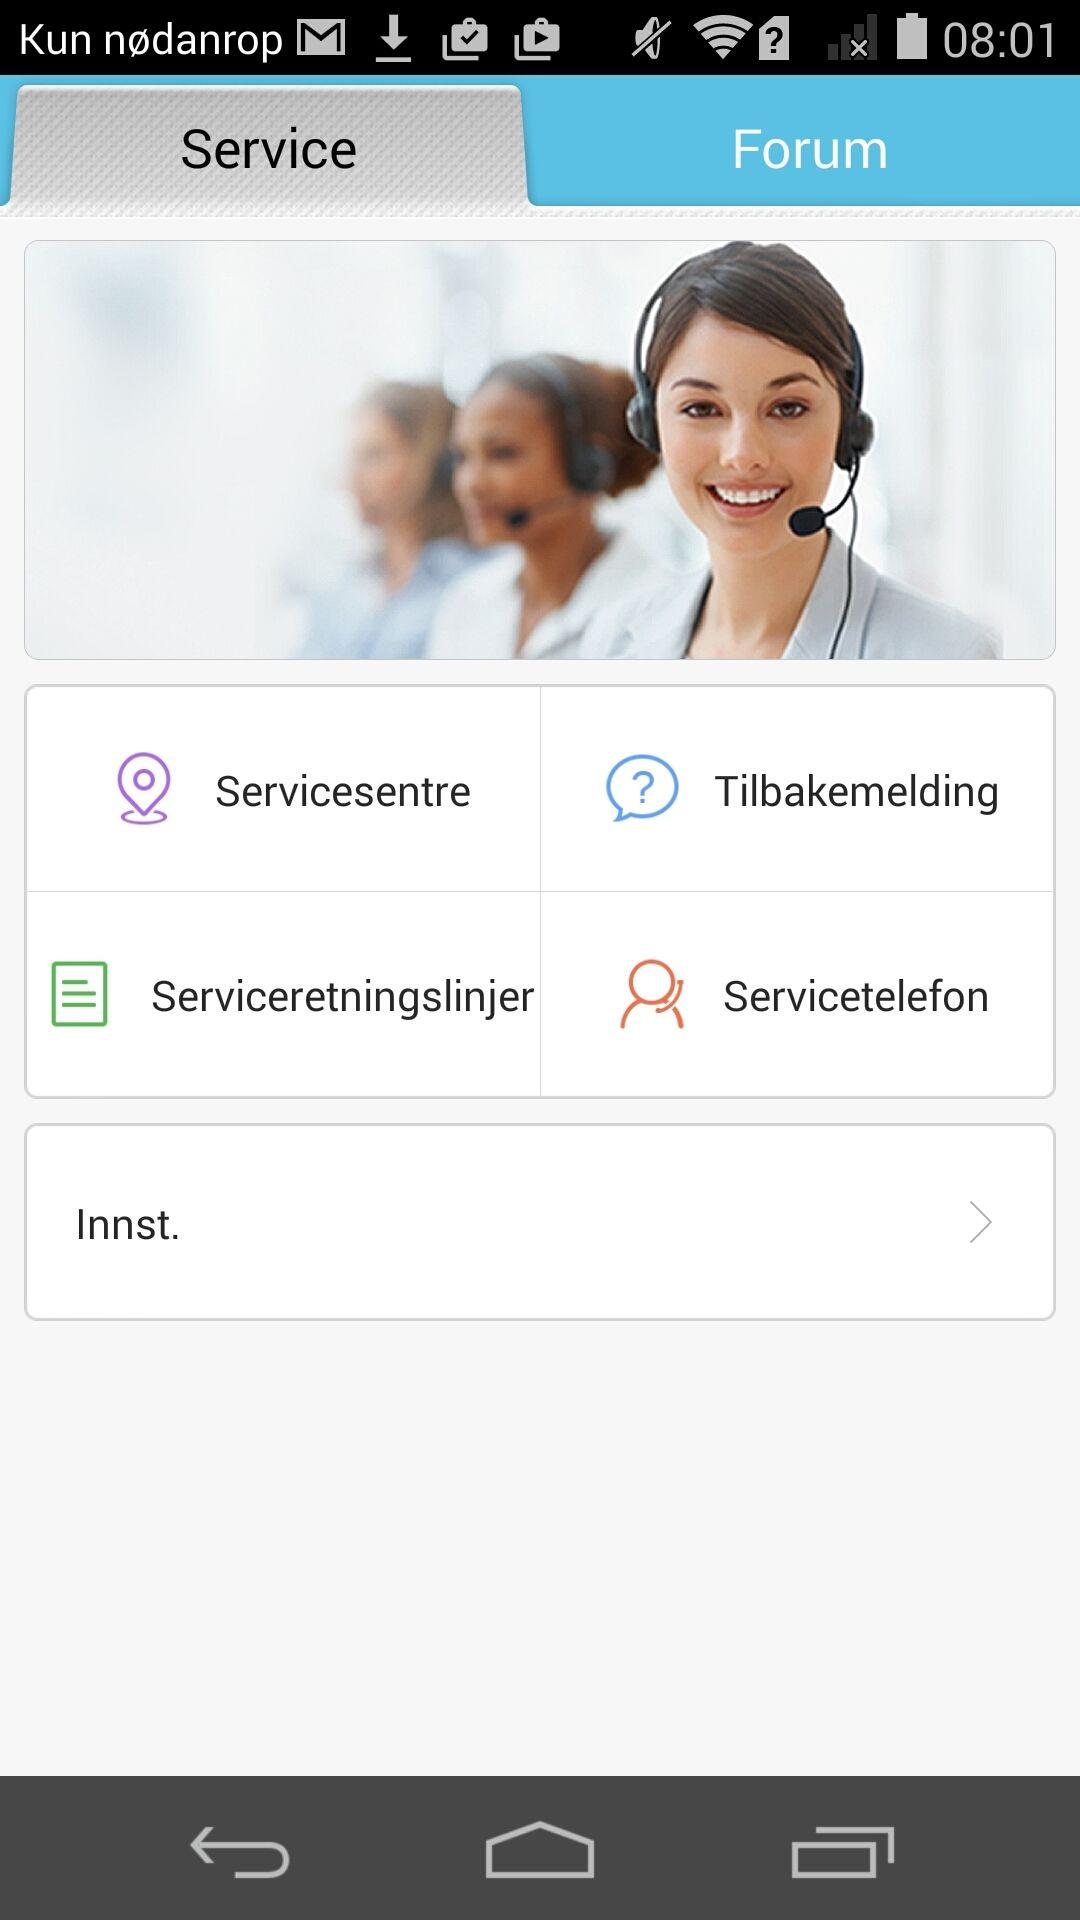 Trenger du hjelp? Med HiCare er hjelpen ikke langt unna. I arbeidstiden kan du snakke direkte med servicefolkene i Lier eller på Skarnes.